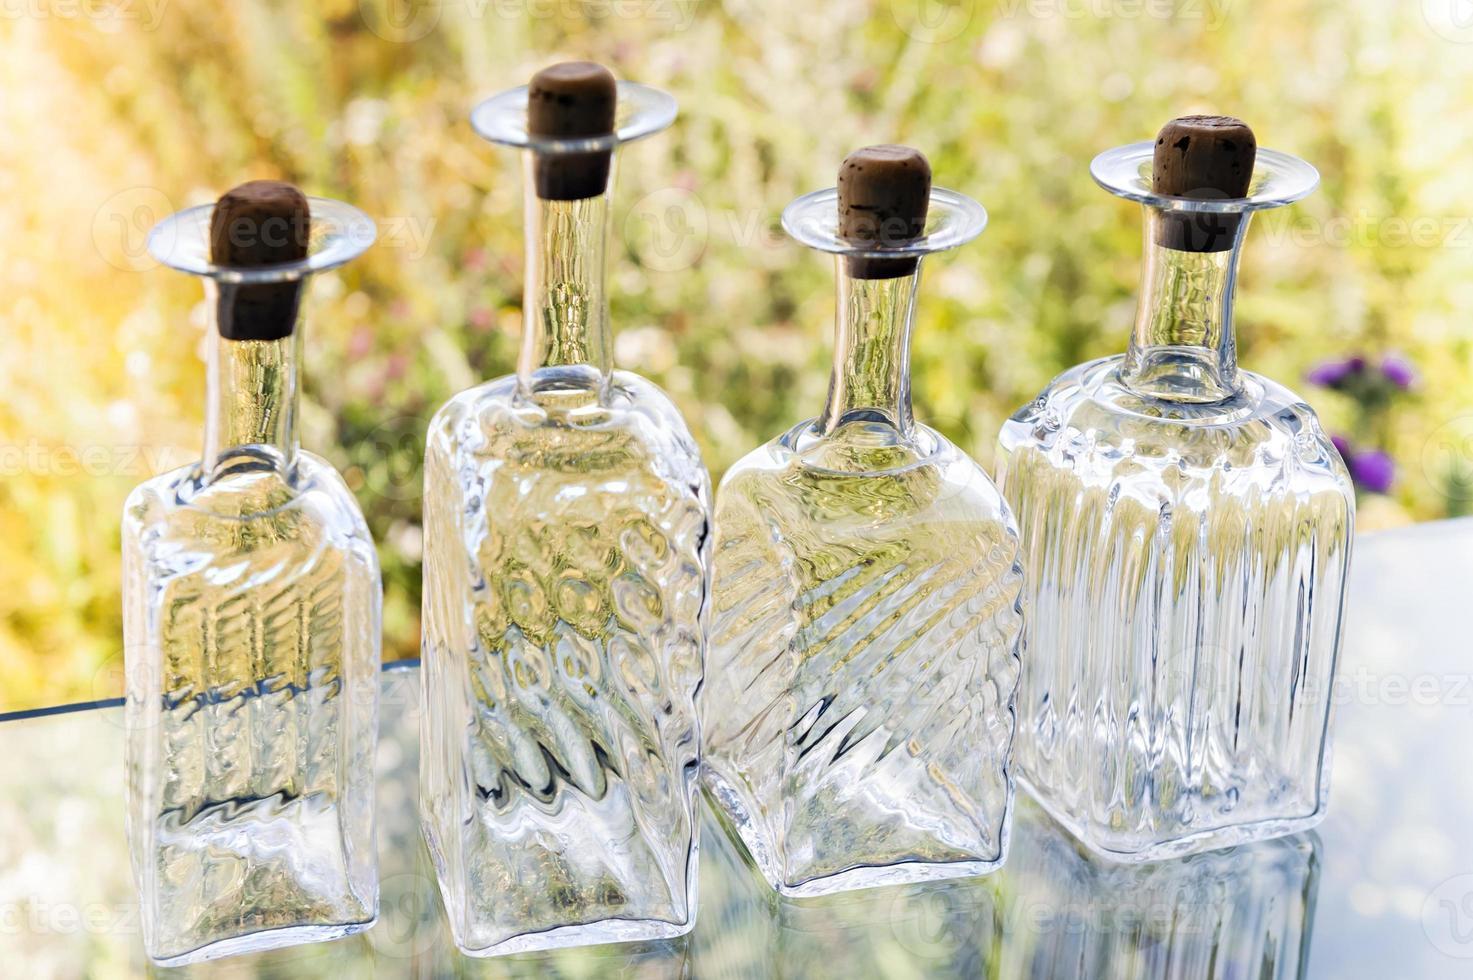 quattro bottiglie con fantasia vetro trasparente su sfondo floreale. foto